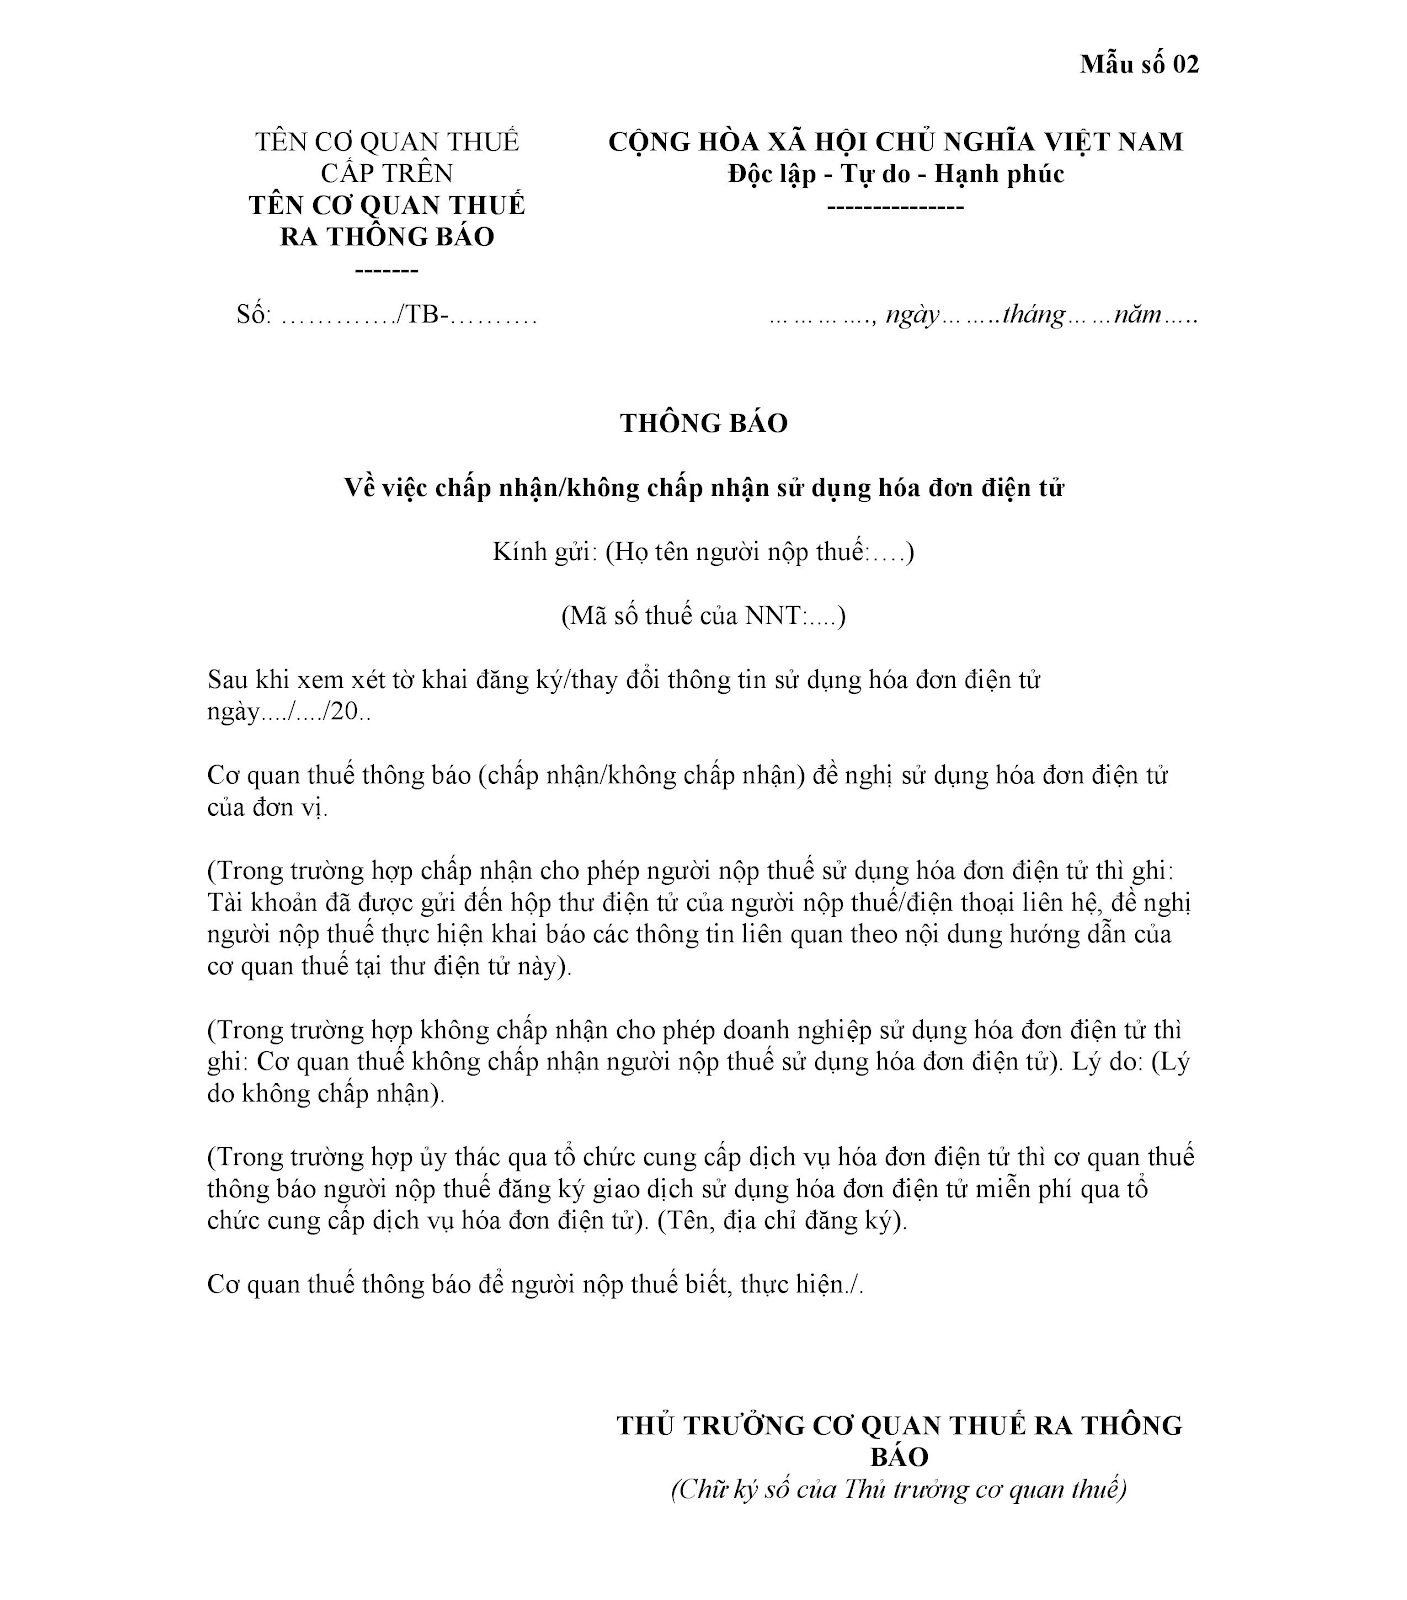 Mẫu số 02 Thông báo về việc chấp nhận sử dụng hóa đơn điện tử